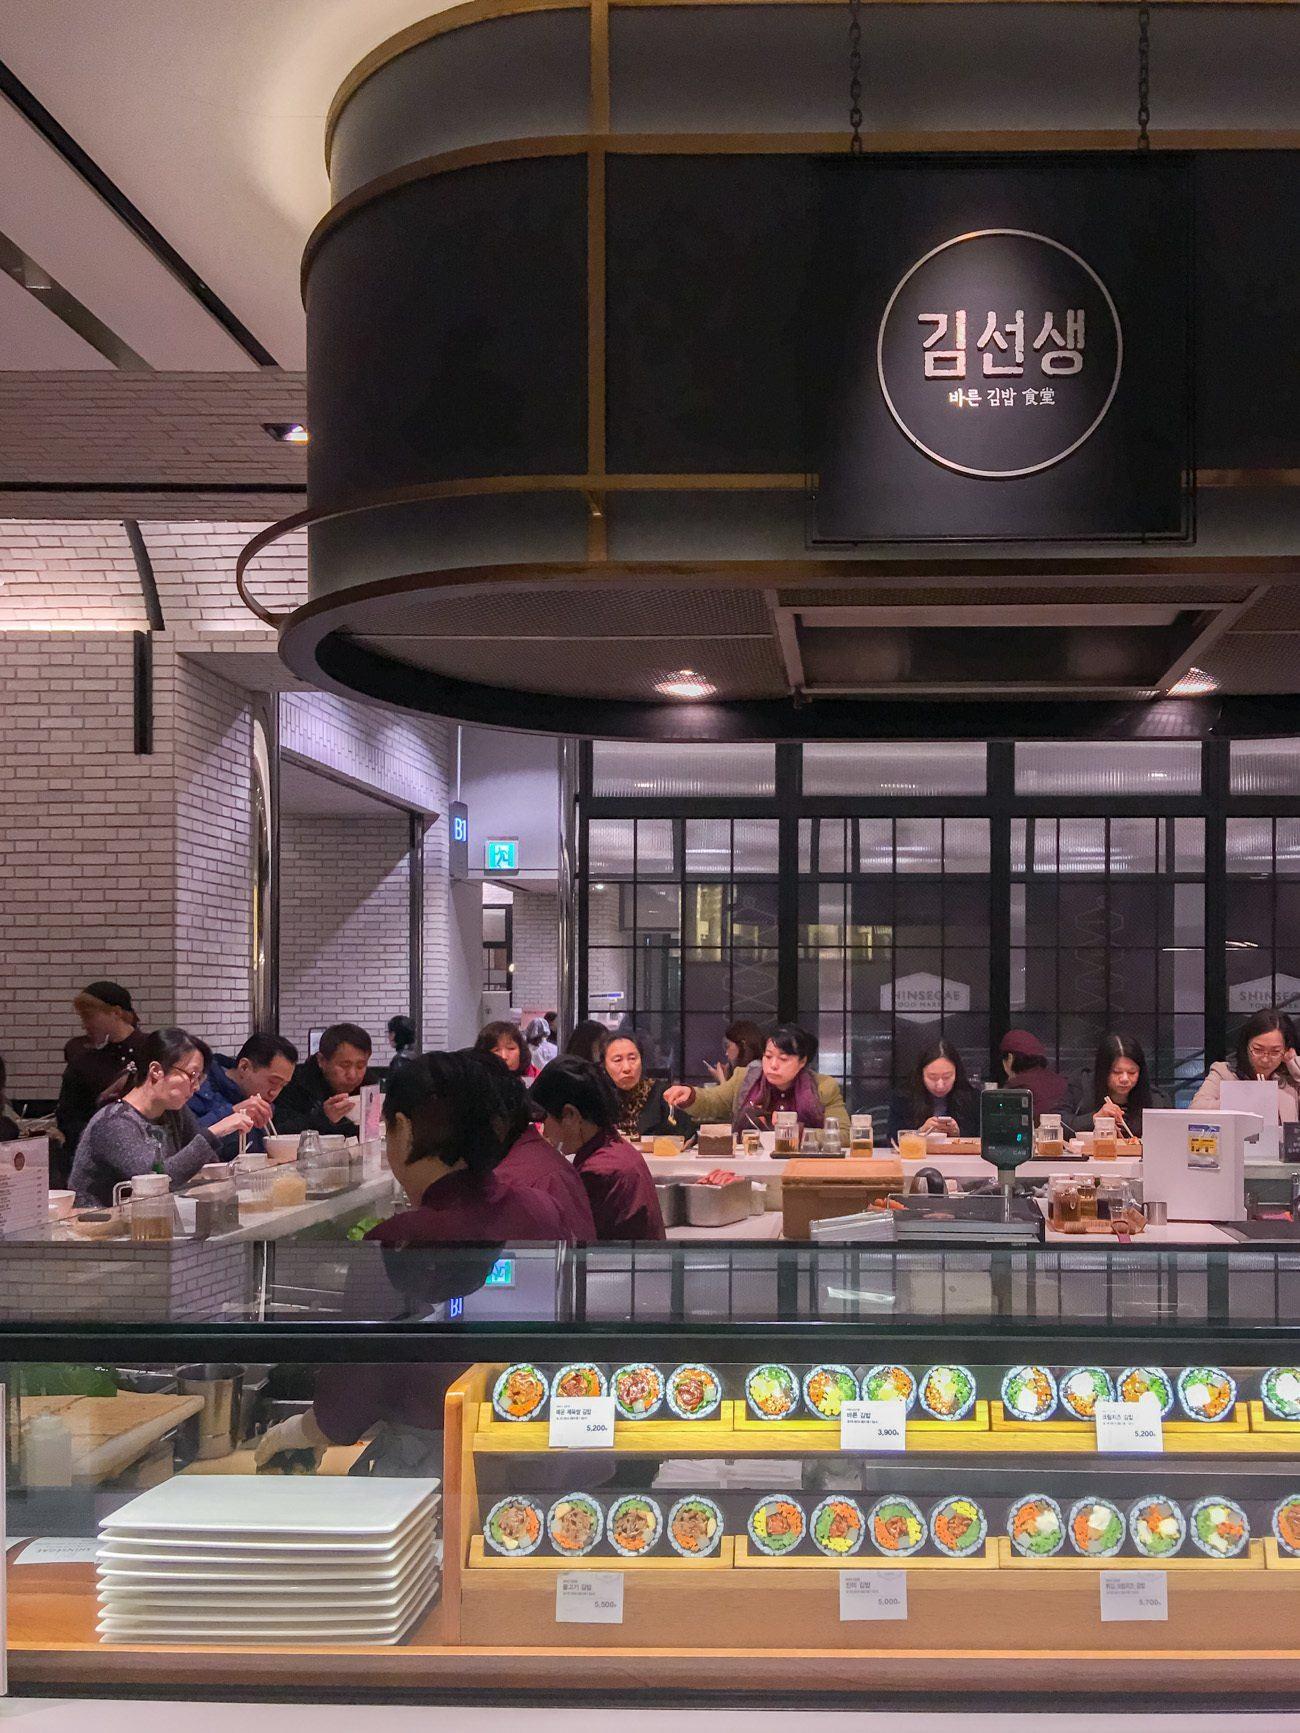 Gimbap at the Shinsegae food hall in Seoul.